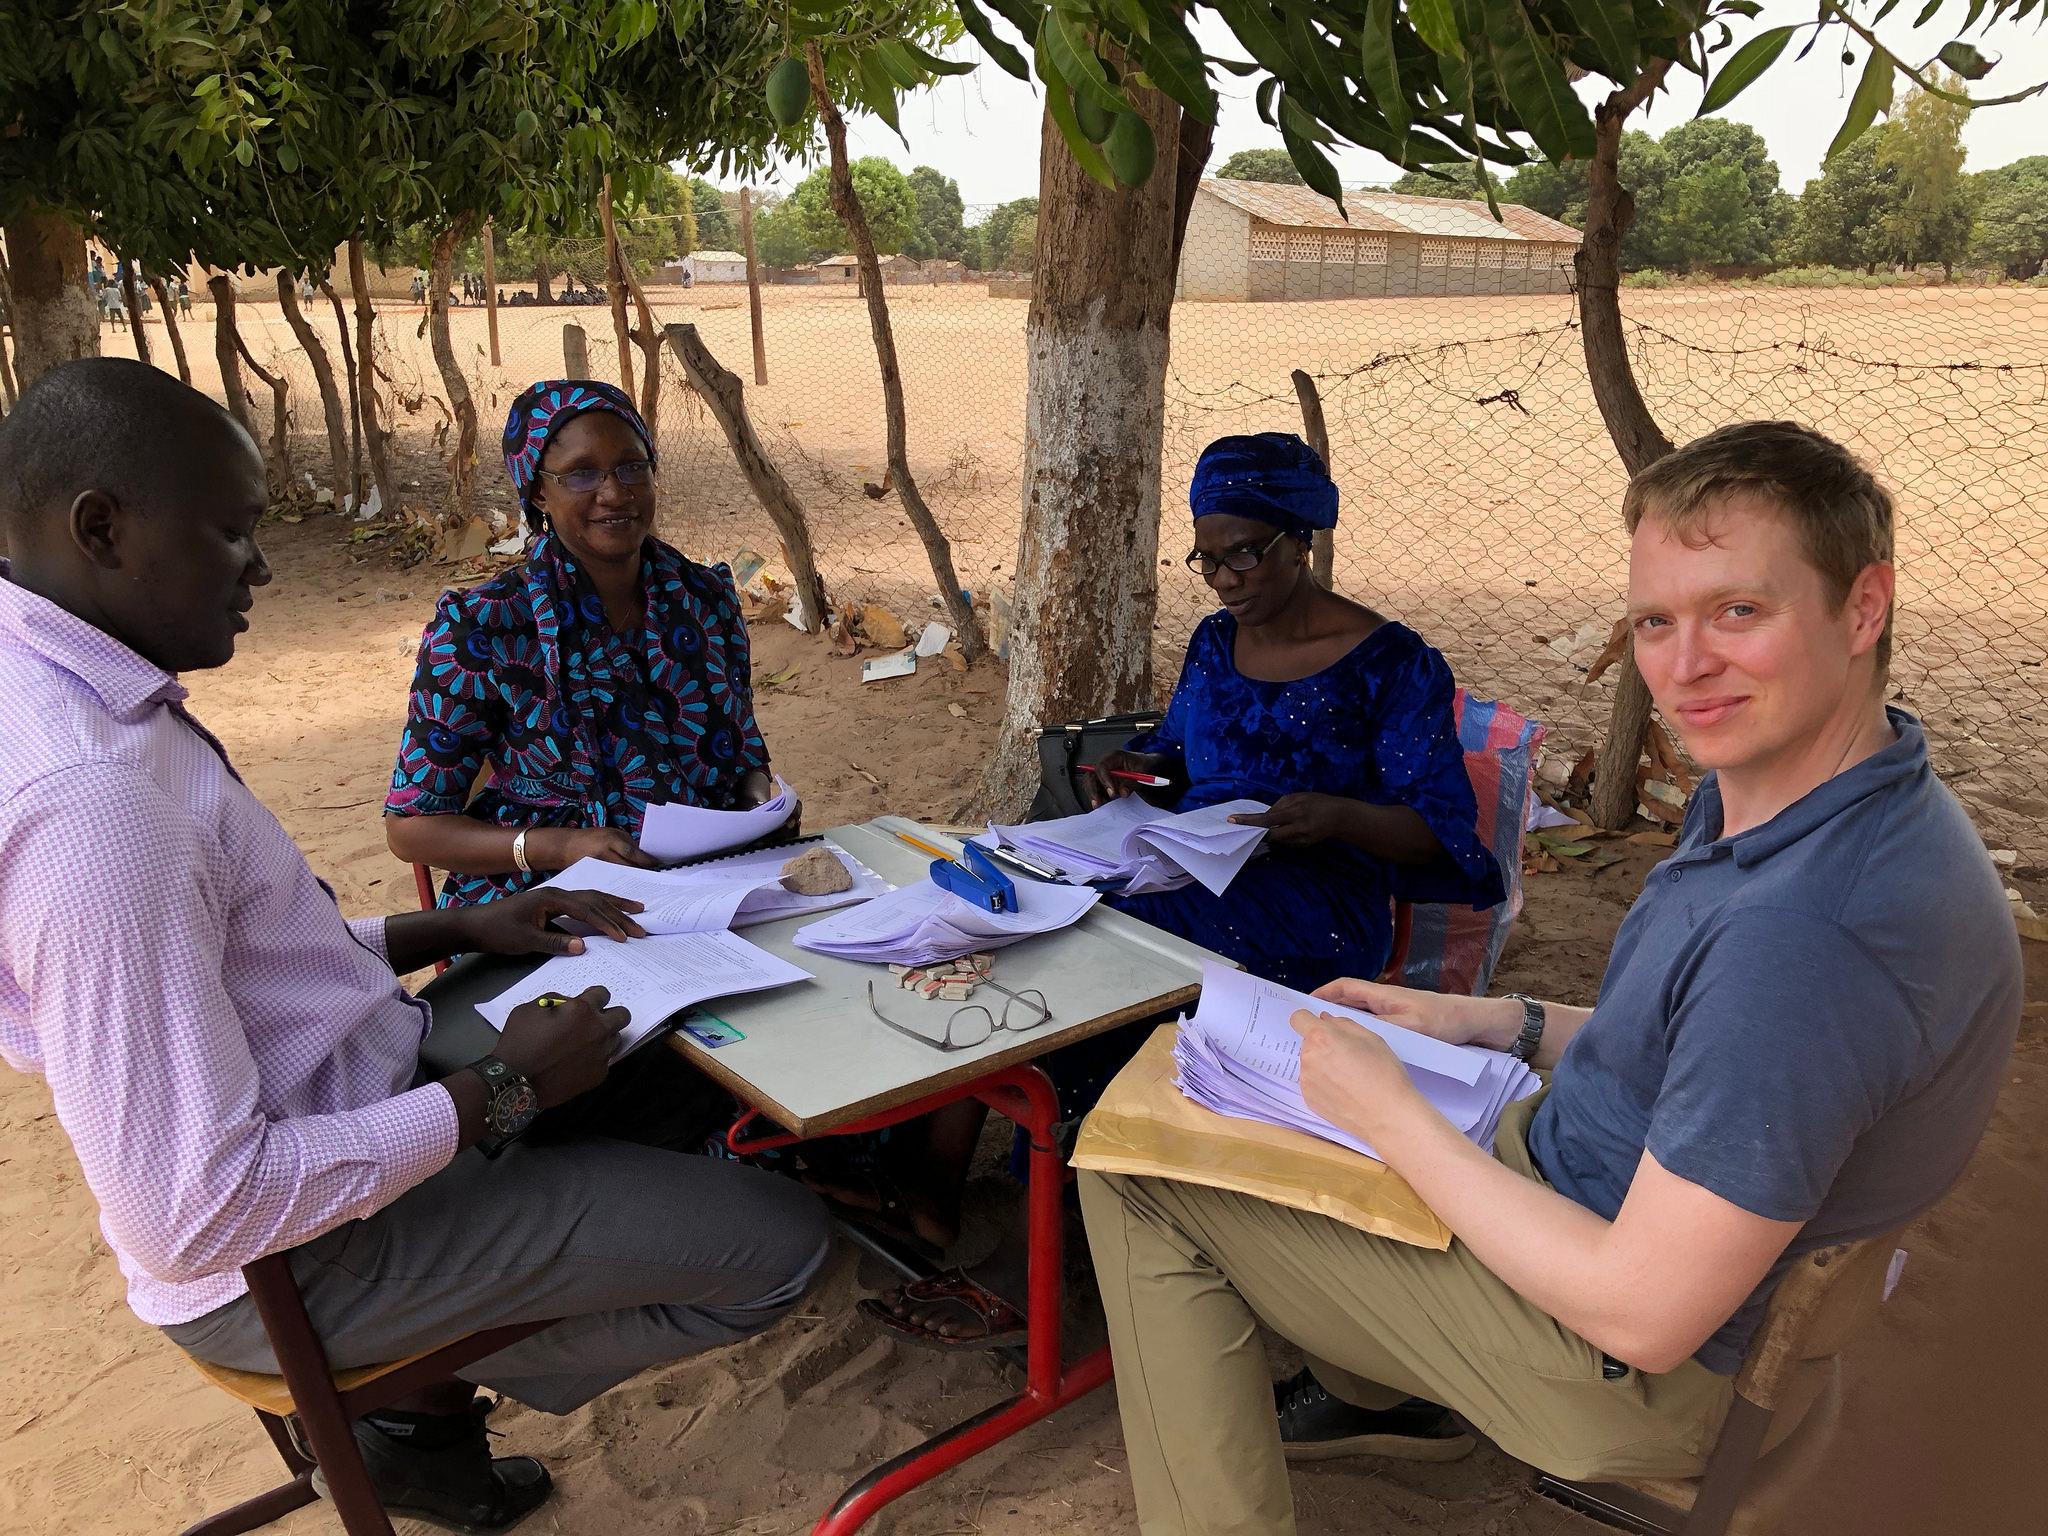 Checking data, Gambia